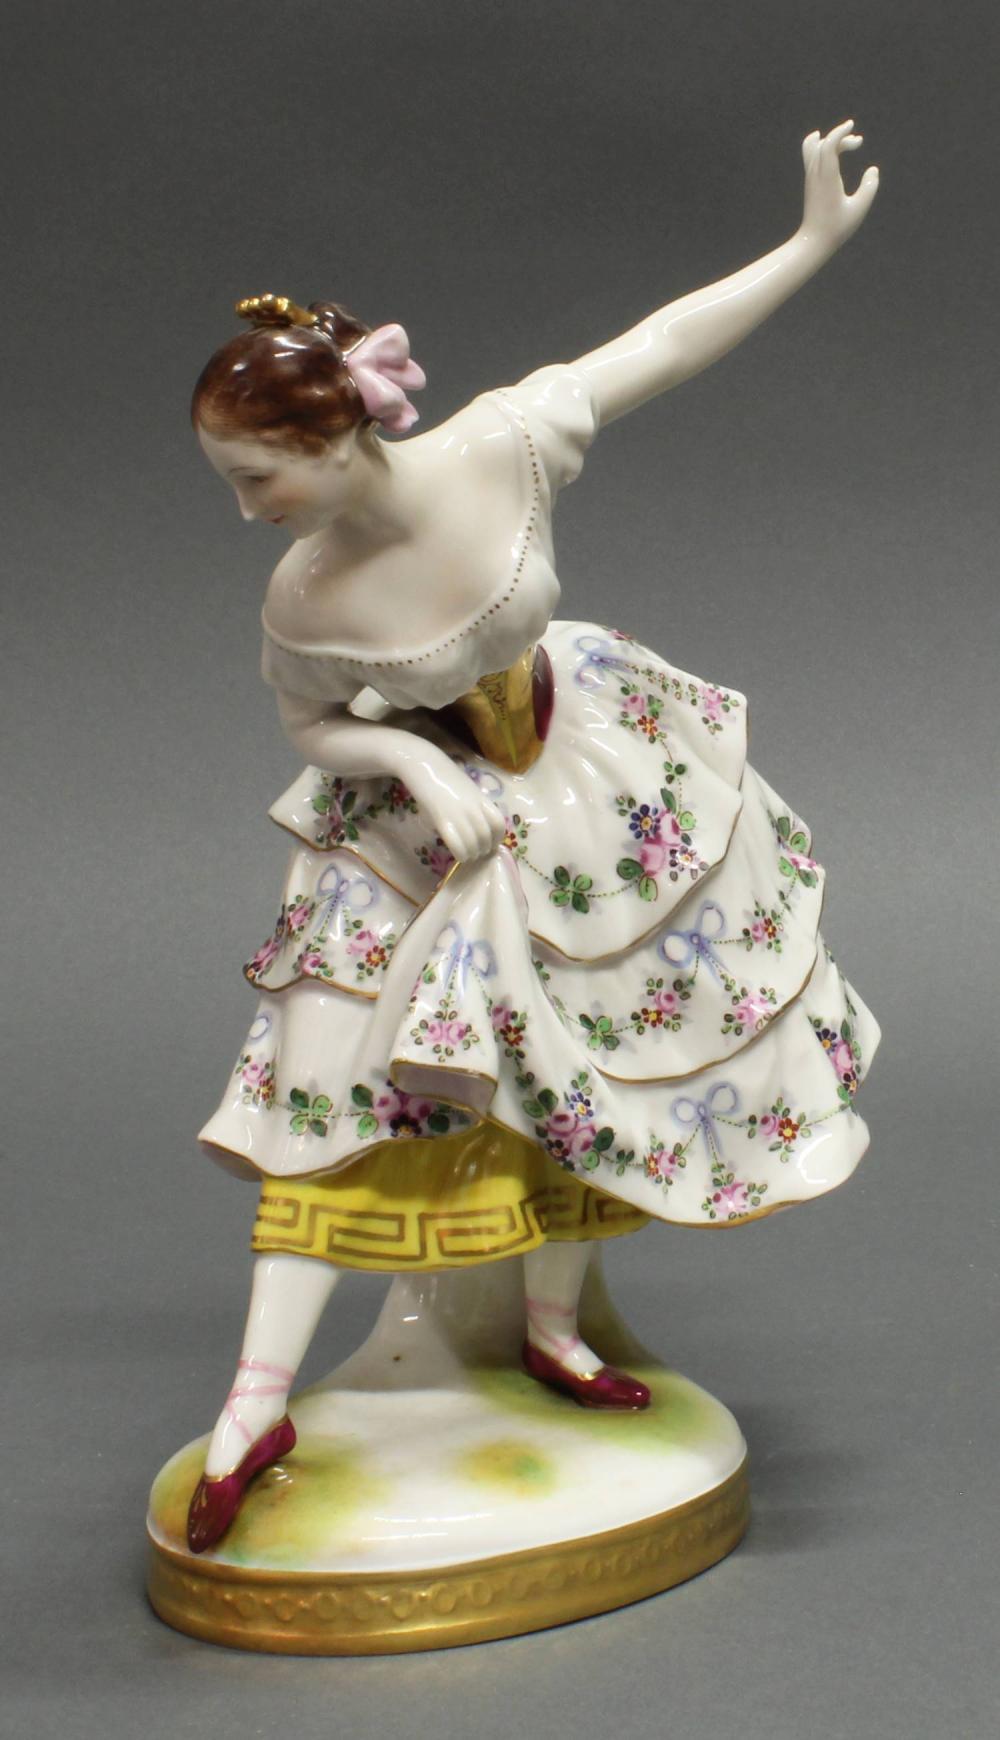 """Porzellanfigur, """"Tänzerin Fanny Elßler"""", Volkstedt, 1915-1934, polychrom und goldstaffiert, 23.5 cm hoch, Brandriss, ein Finger fehlt"""